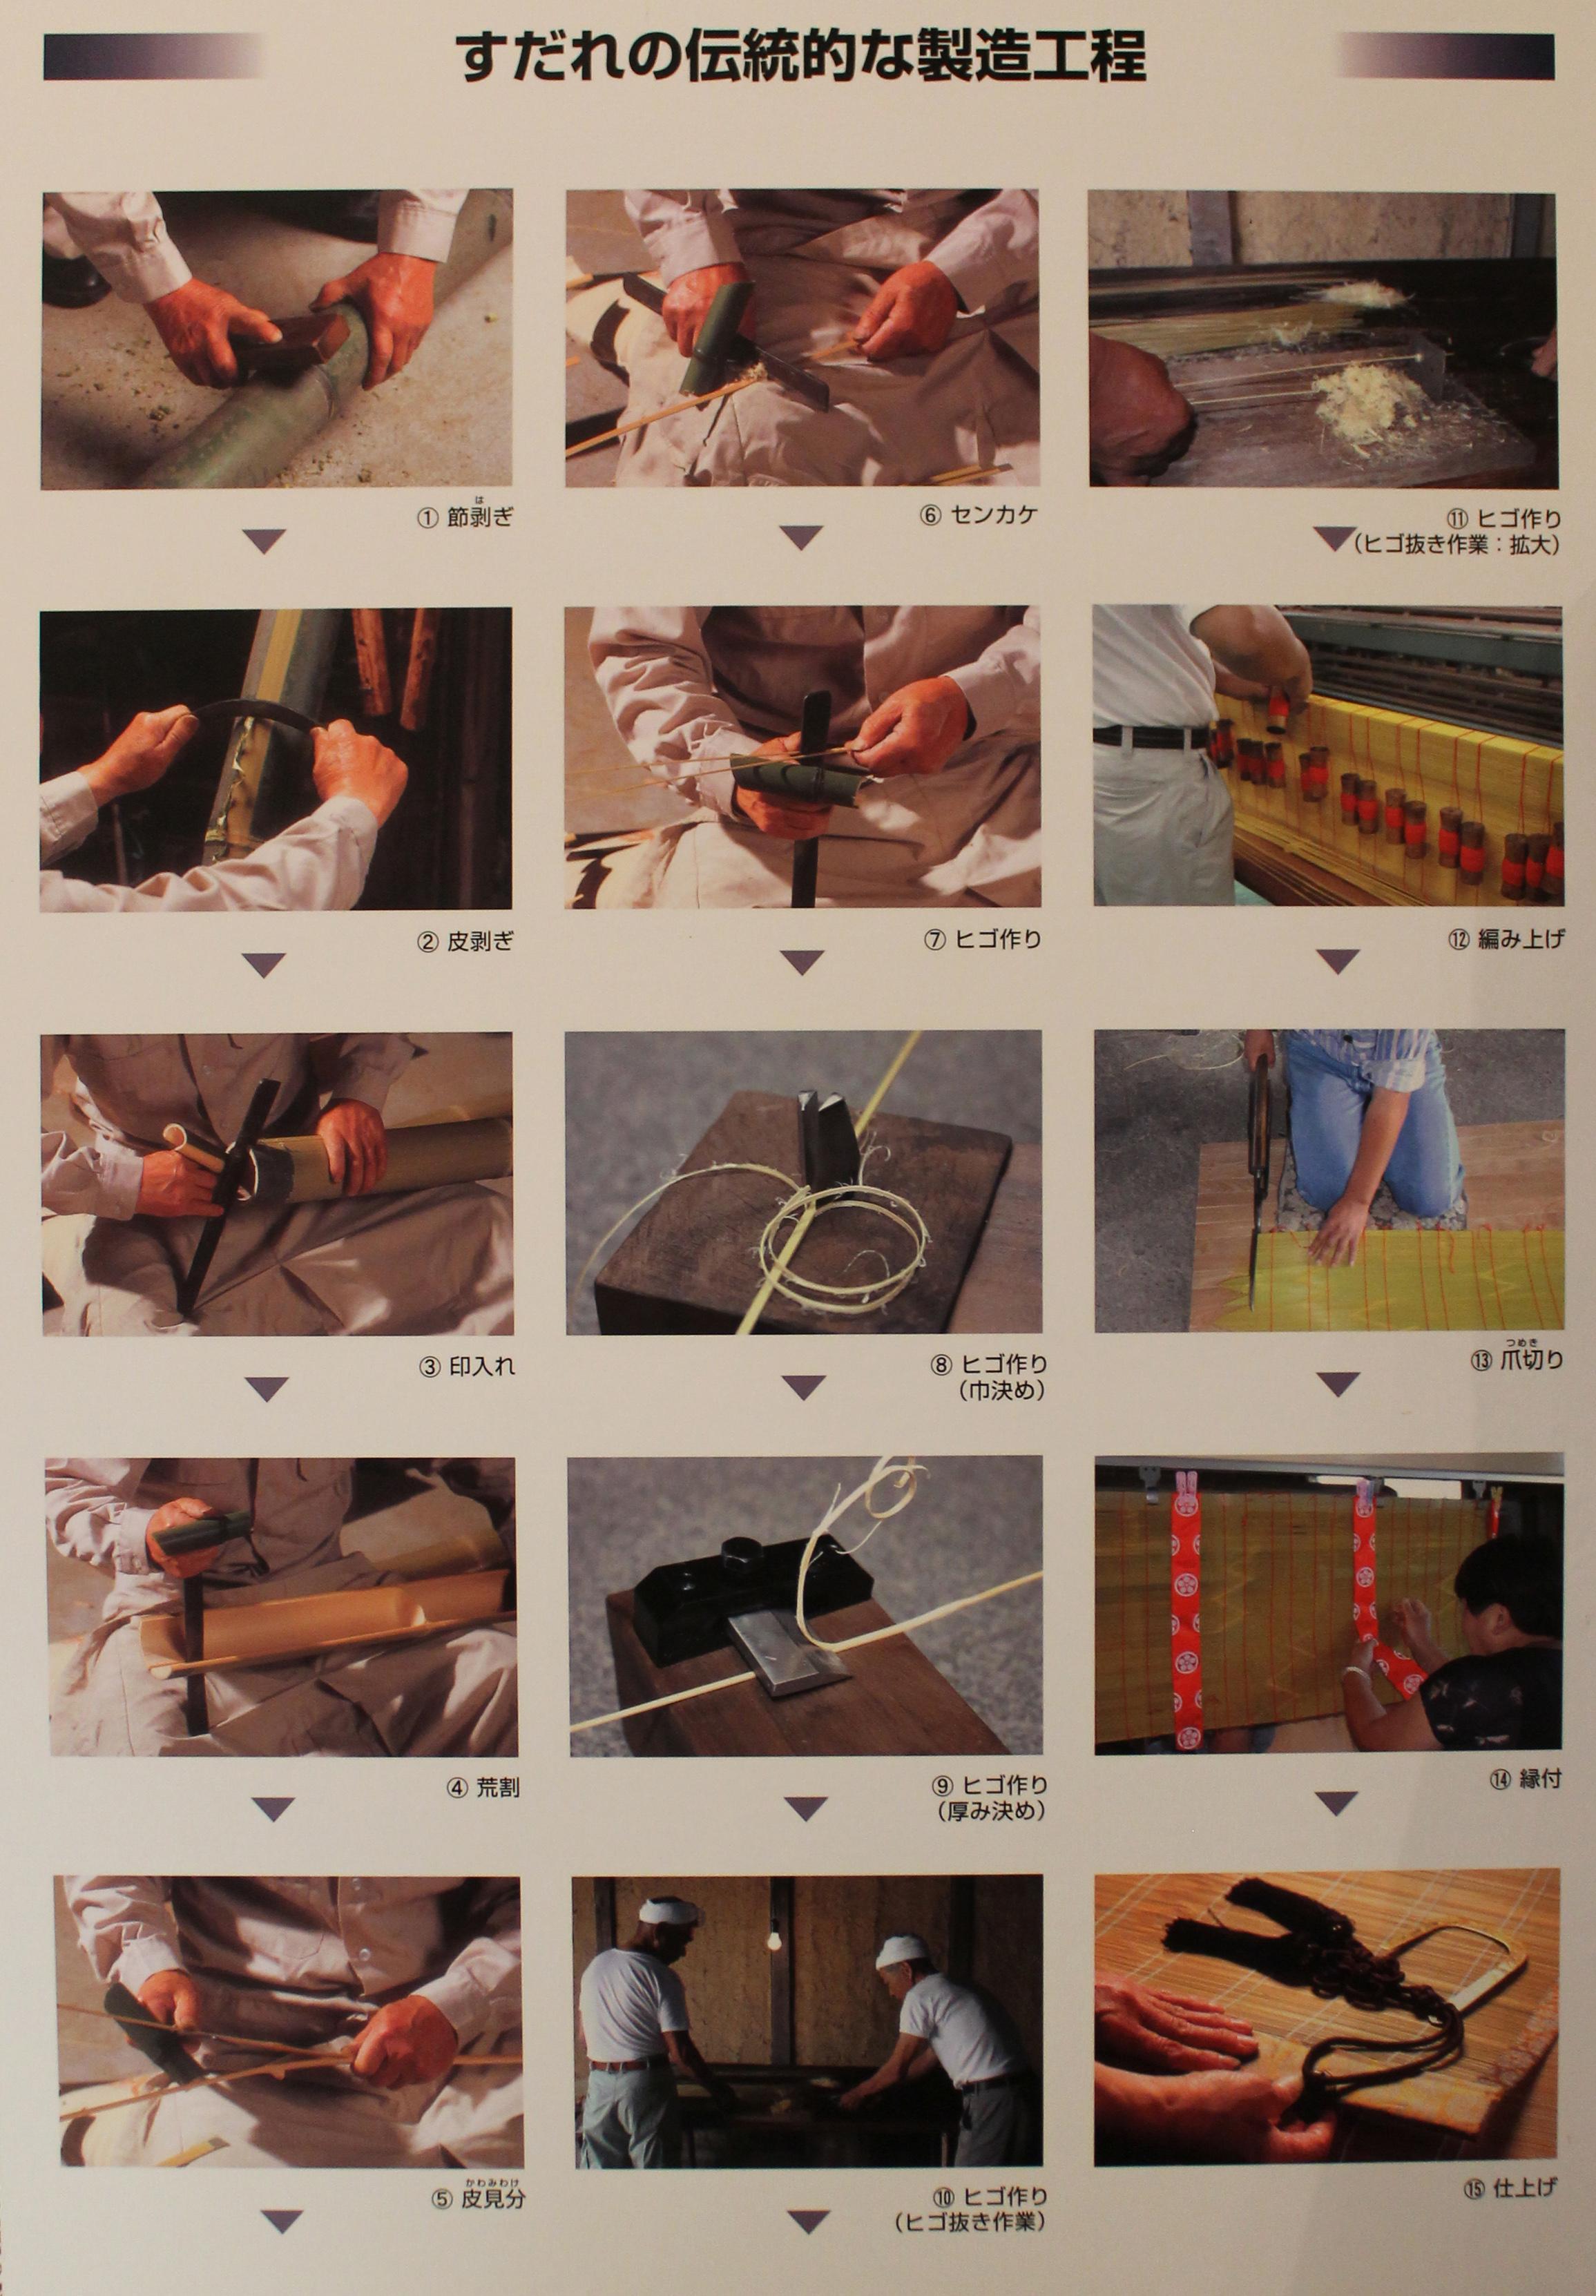 製造工程(ヒゴすだれ)